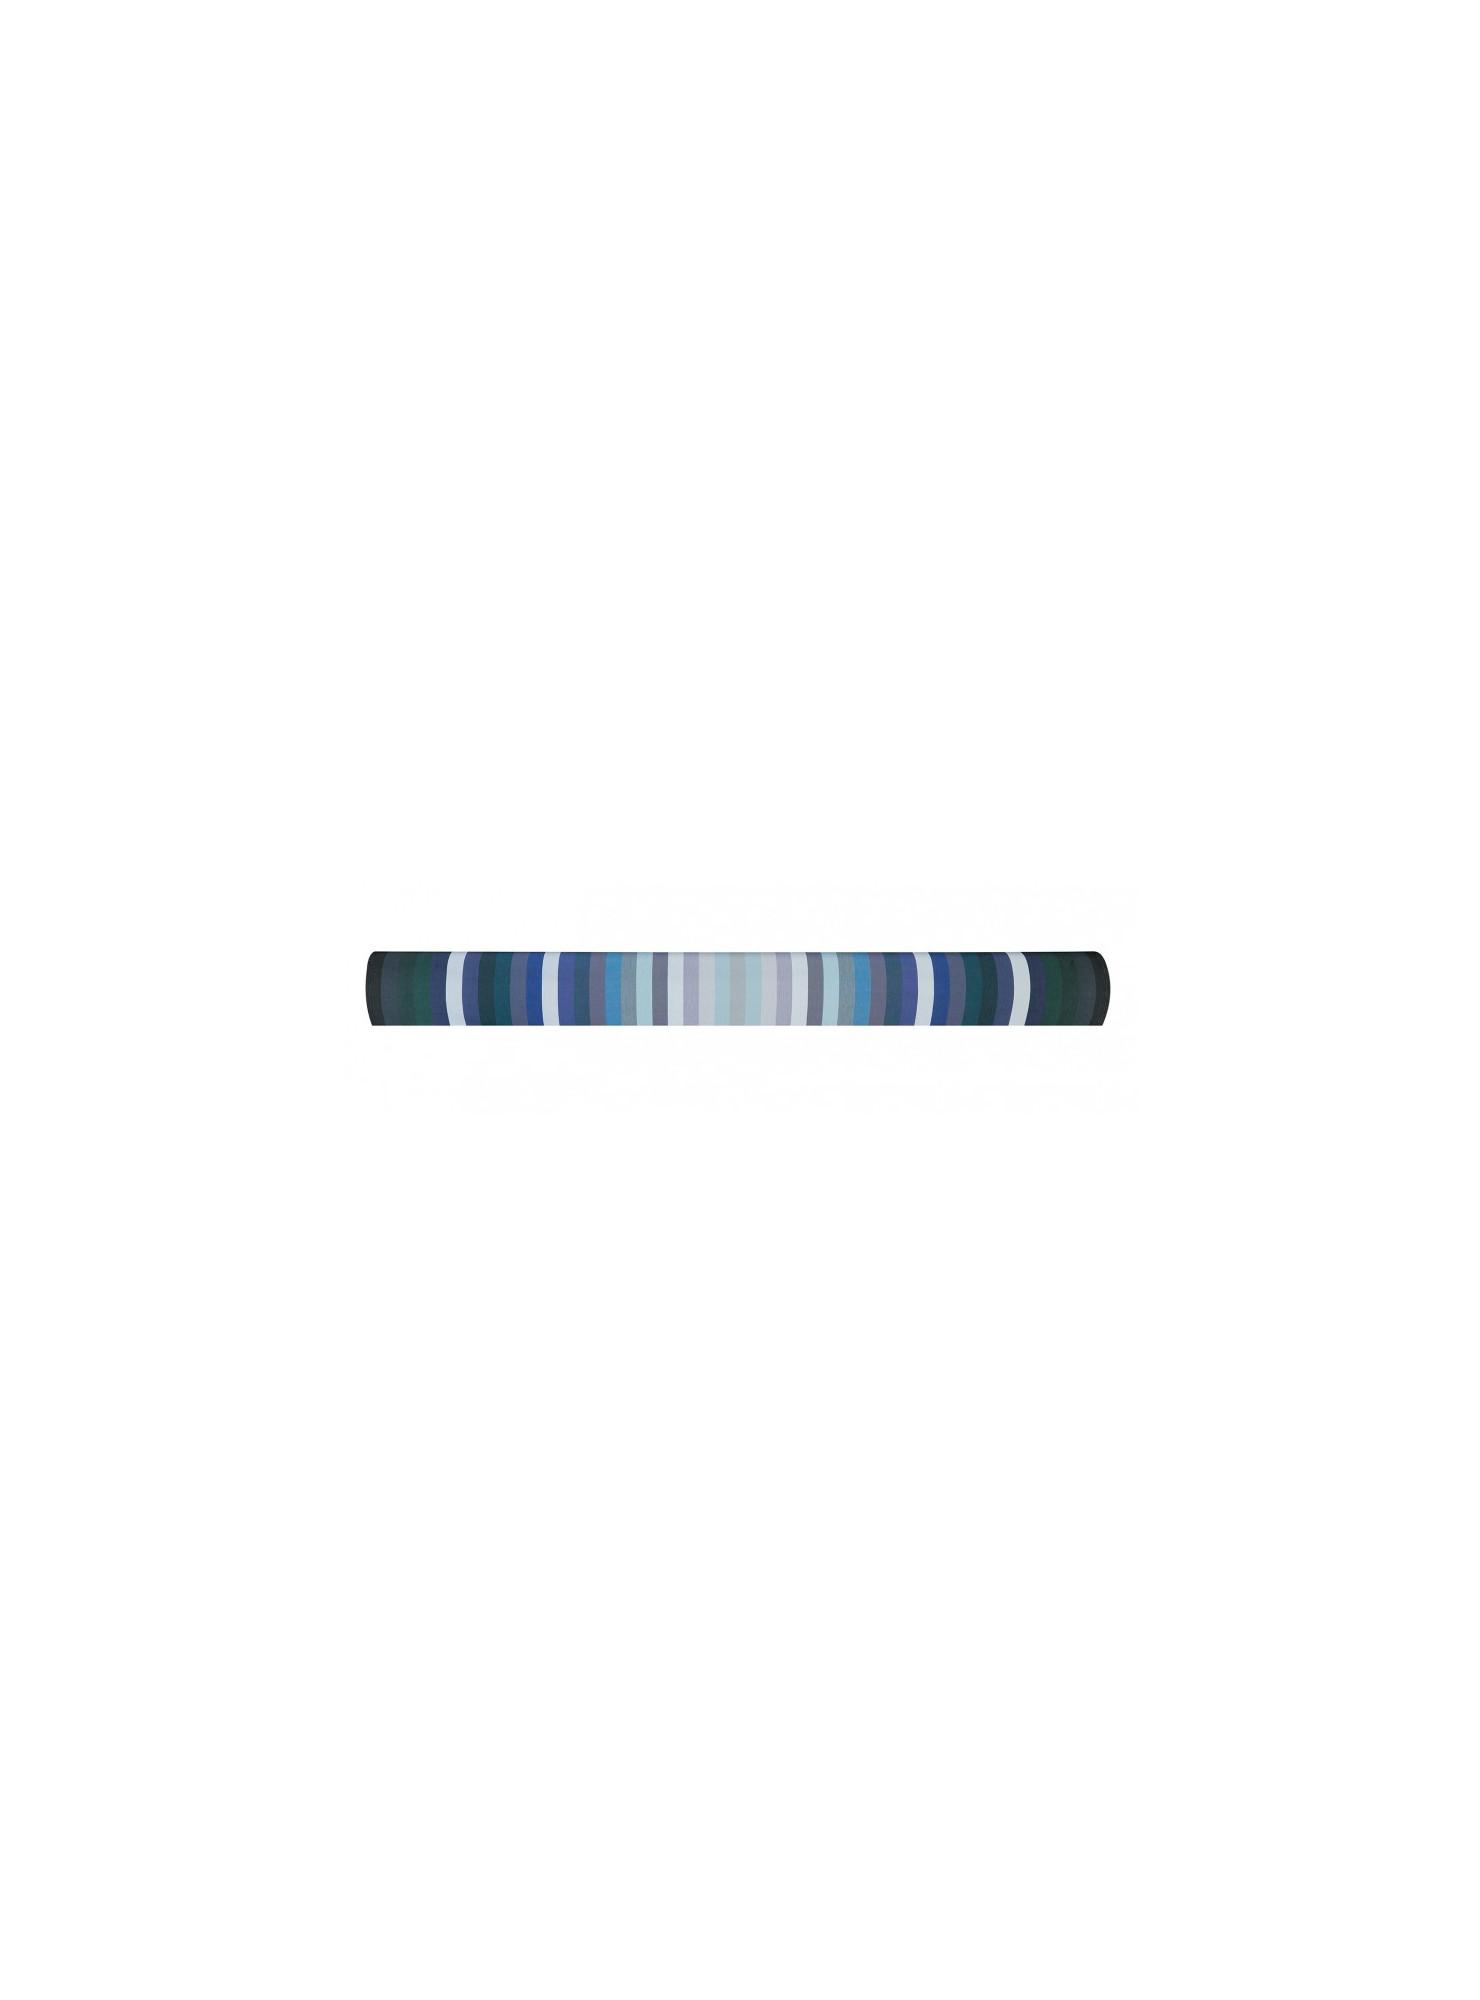 Métrage coton Alcyon basque, tissu basque au mètre